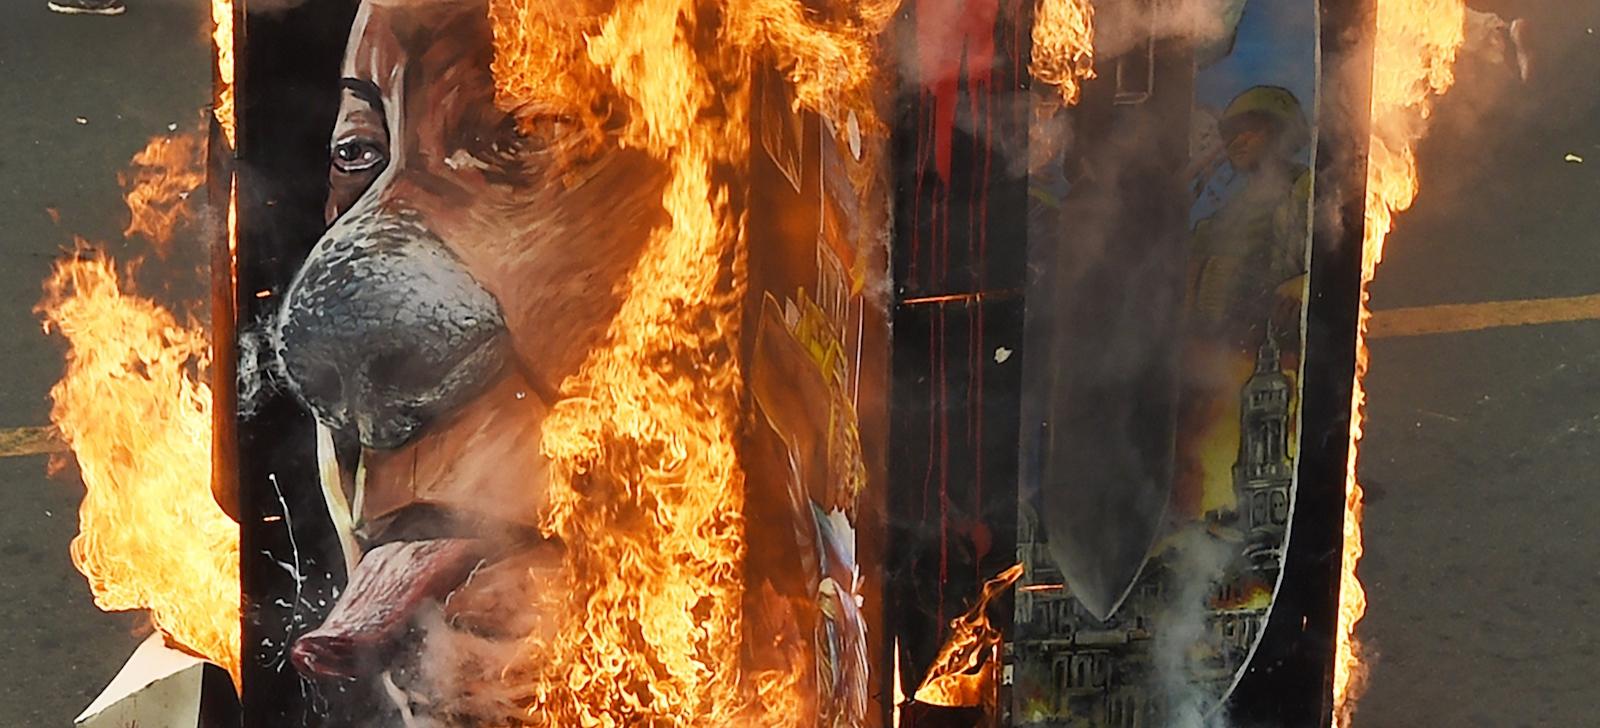 Activists burn portraits of Philippine President Rodrigo Duterte (Photo: Ted Aljibe via Getty)